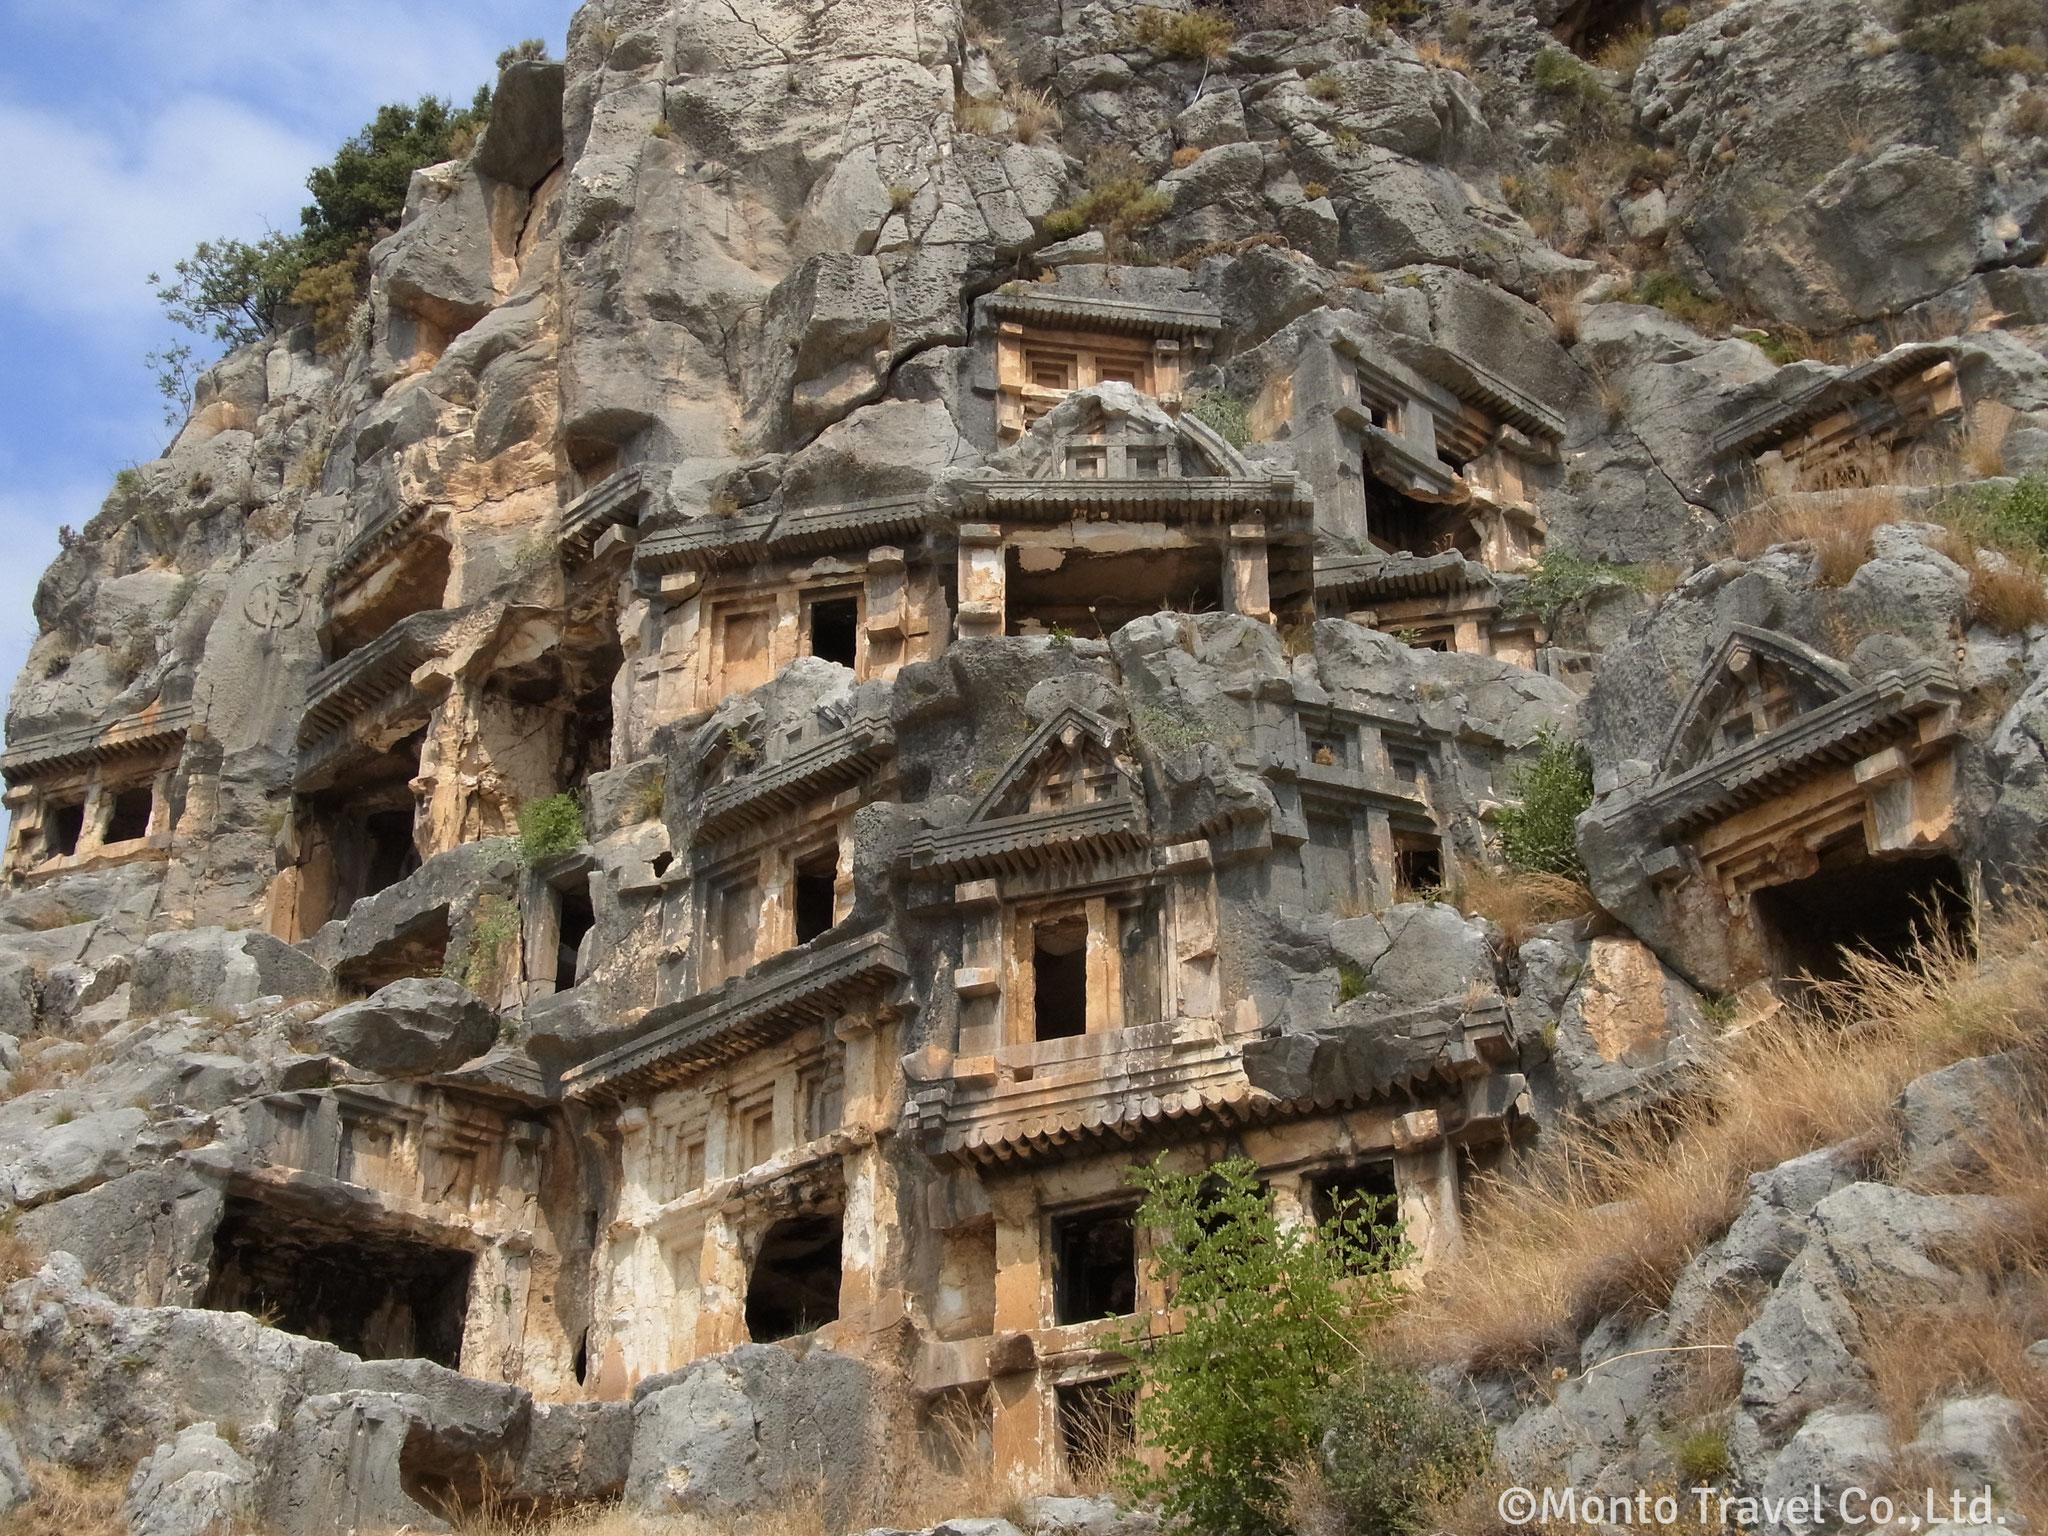 ミュラ遺跡  古代リキア人の岩窟墓